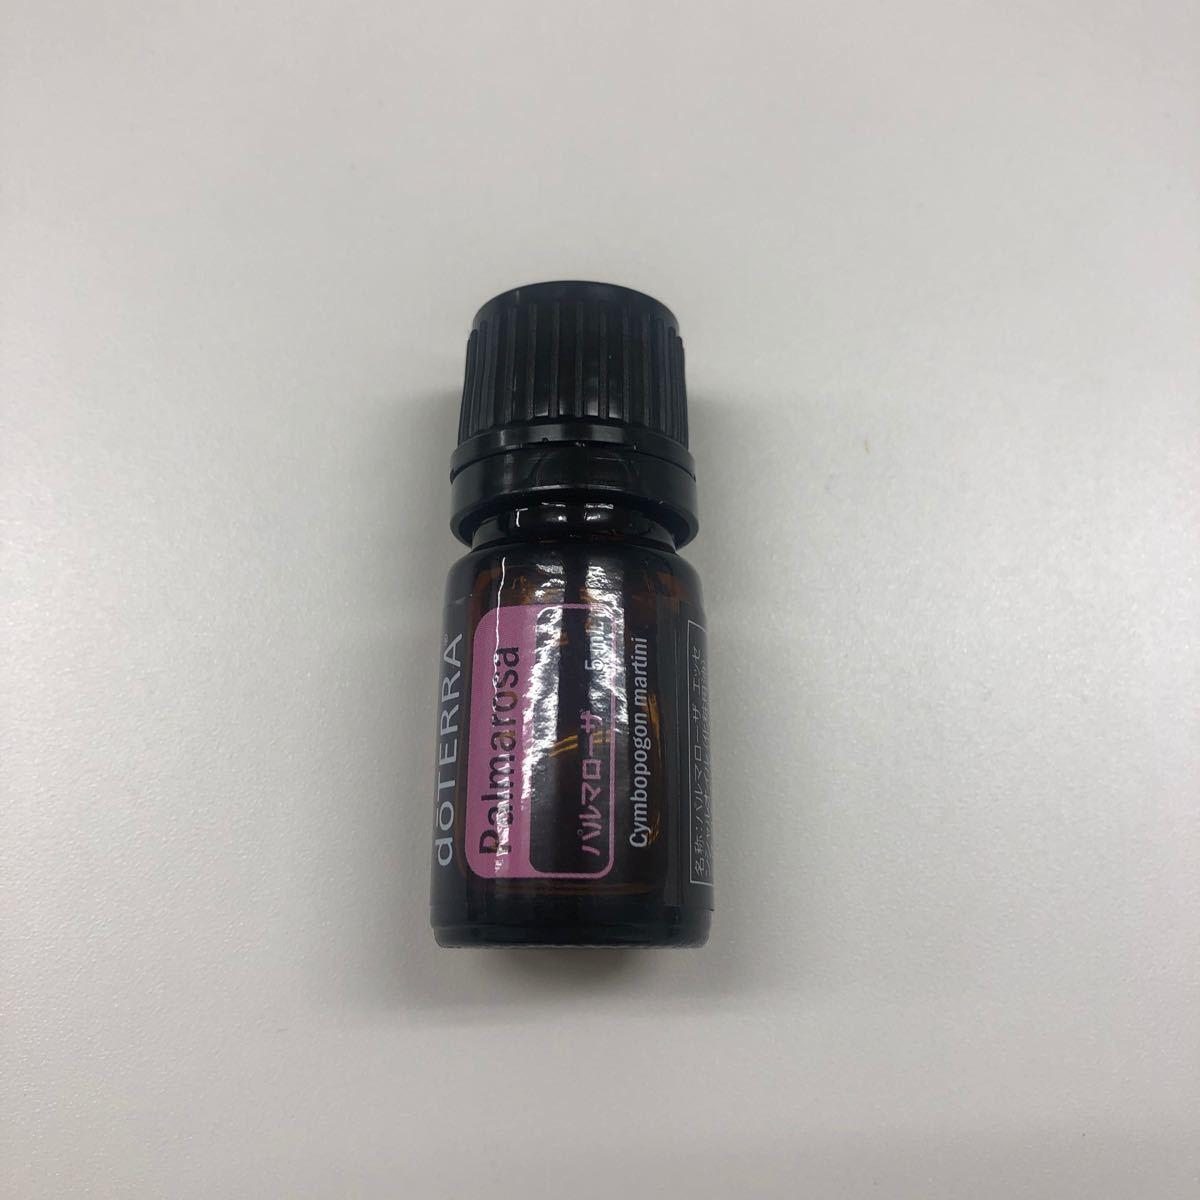 ドテラ doTERRA エッセンシャルオイル パルマローザ 5ml